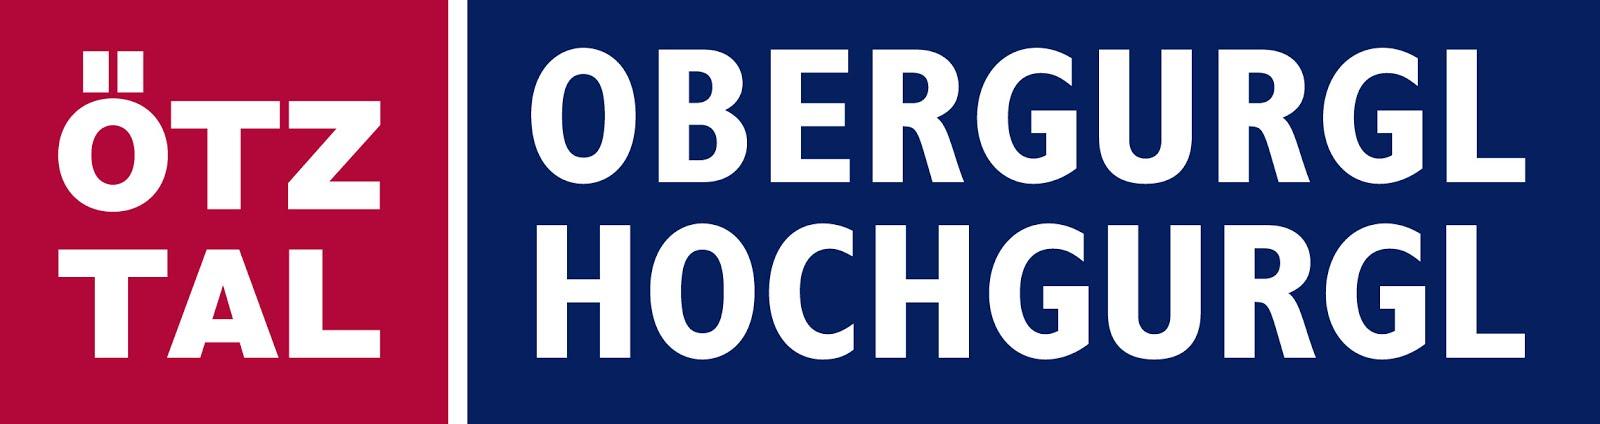 Obergurgl Hochgurgl